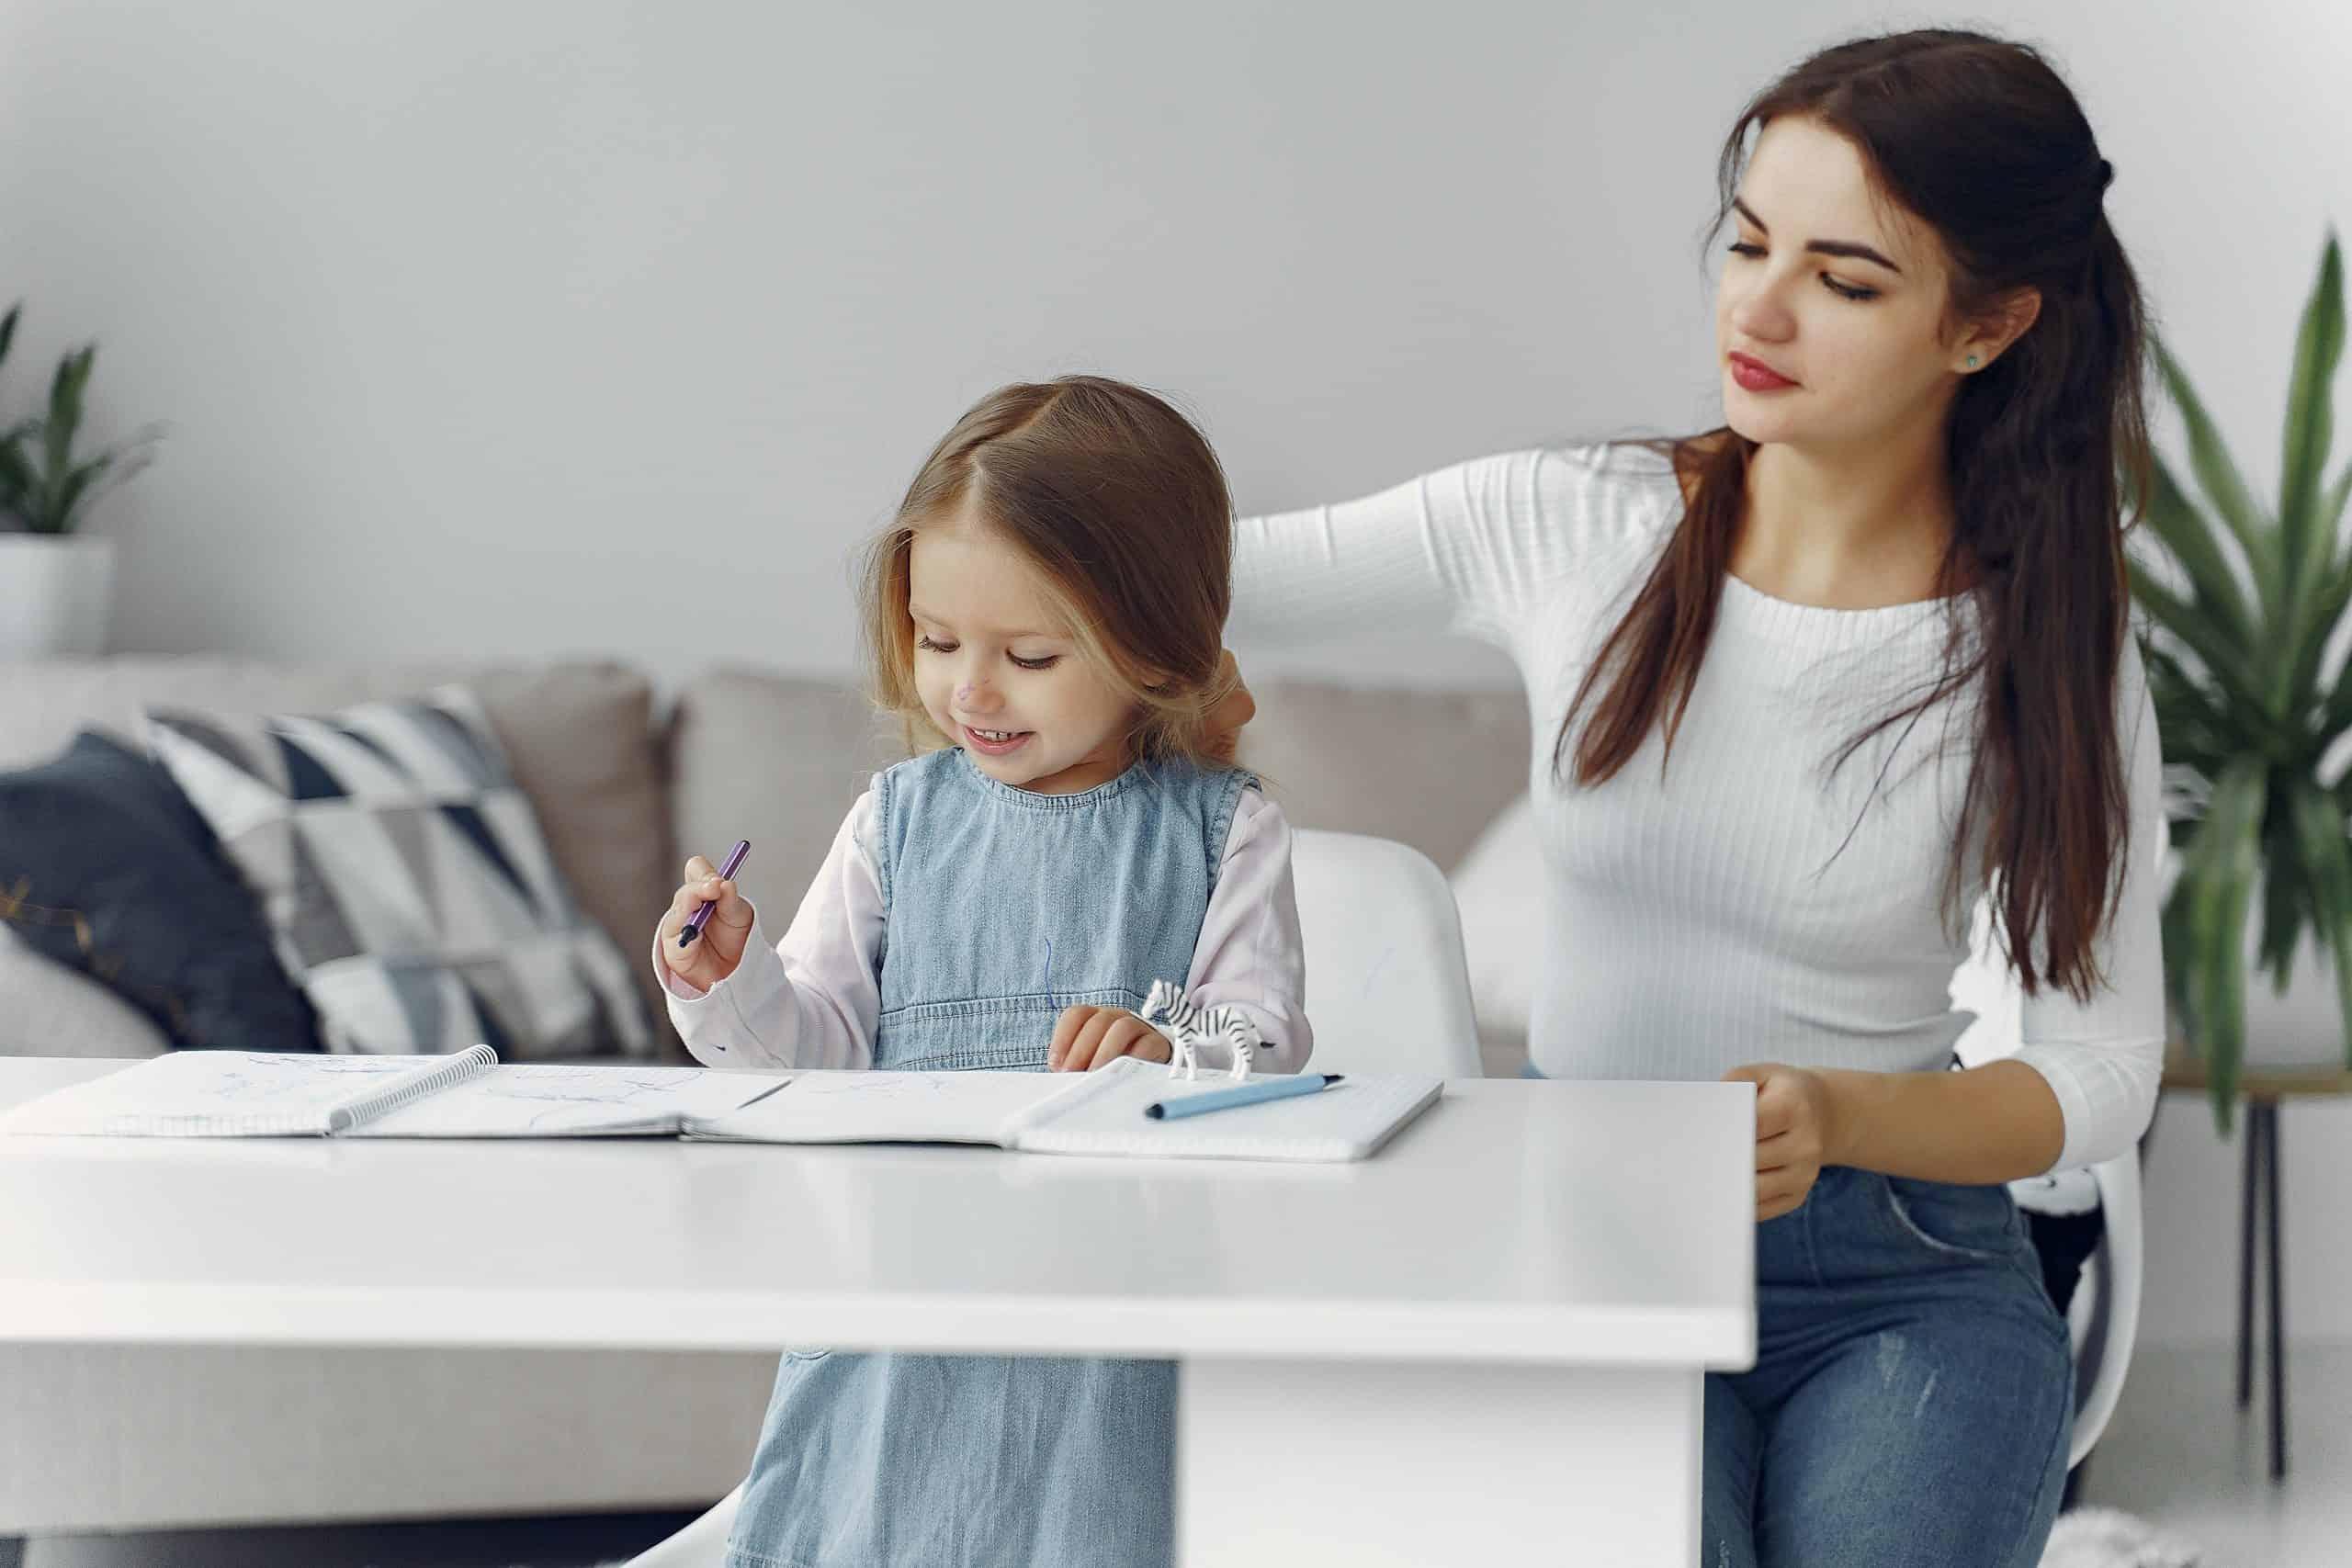 kvinna fixar barnets hår medan hon skriver